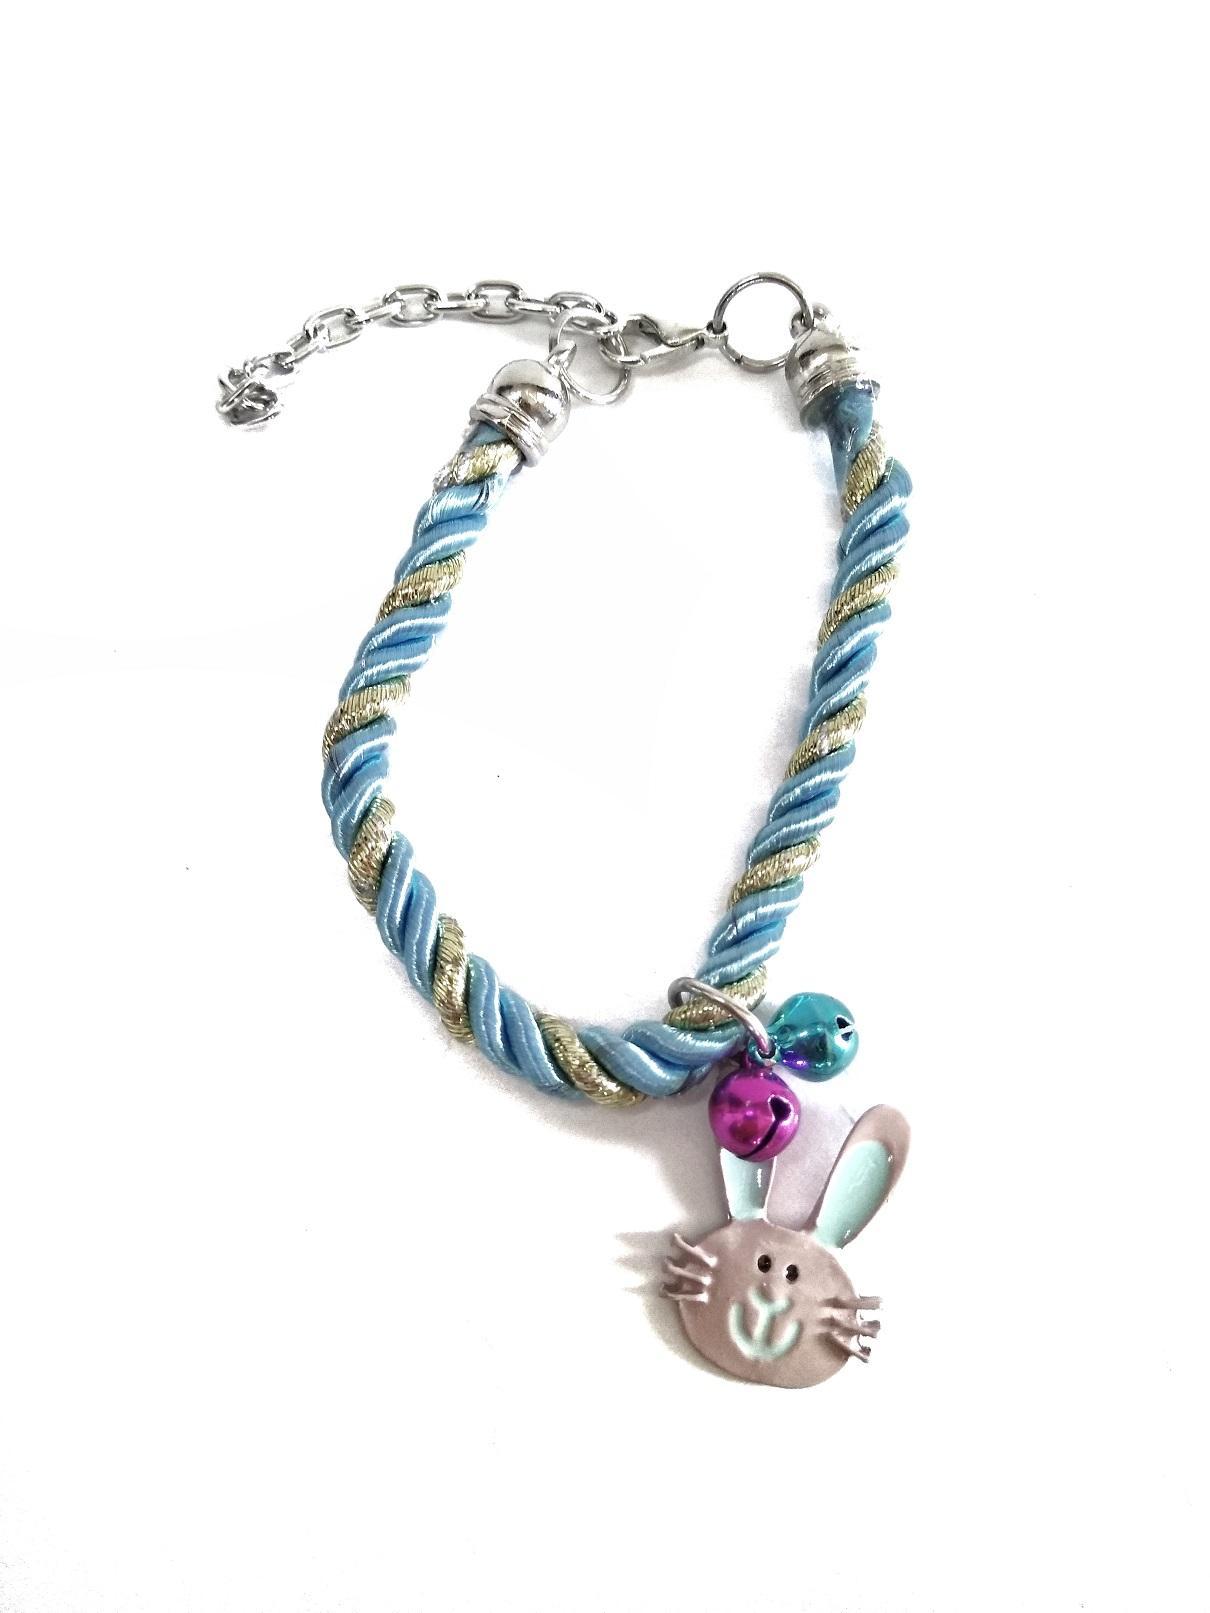 Kalung Anjing Kucing Tali Kepang dua kerincing